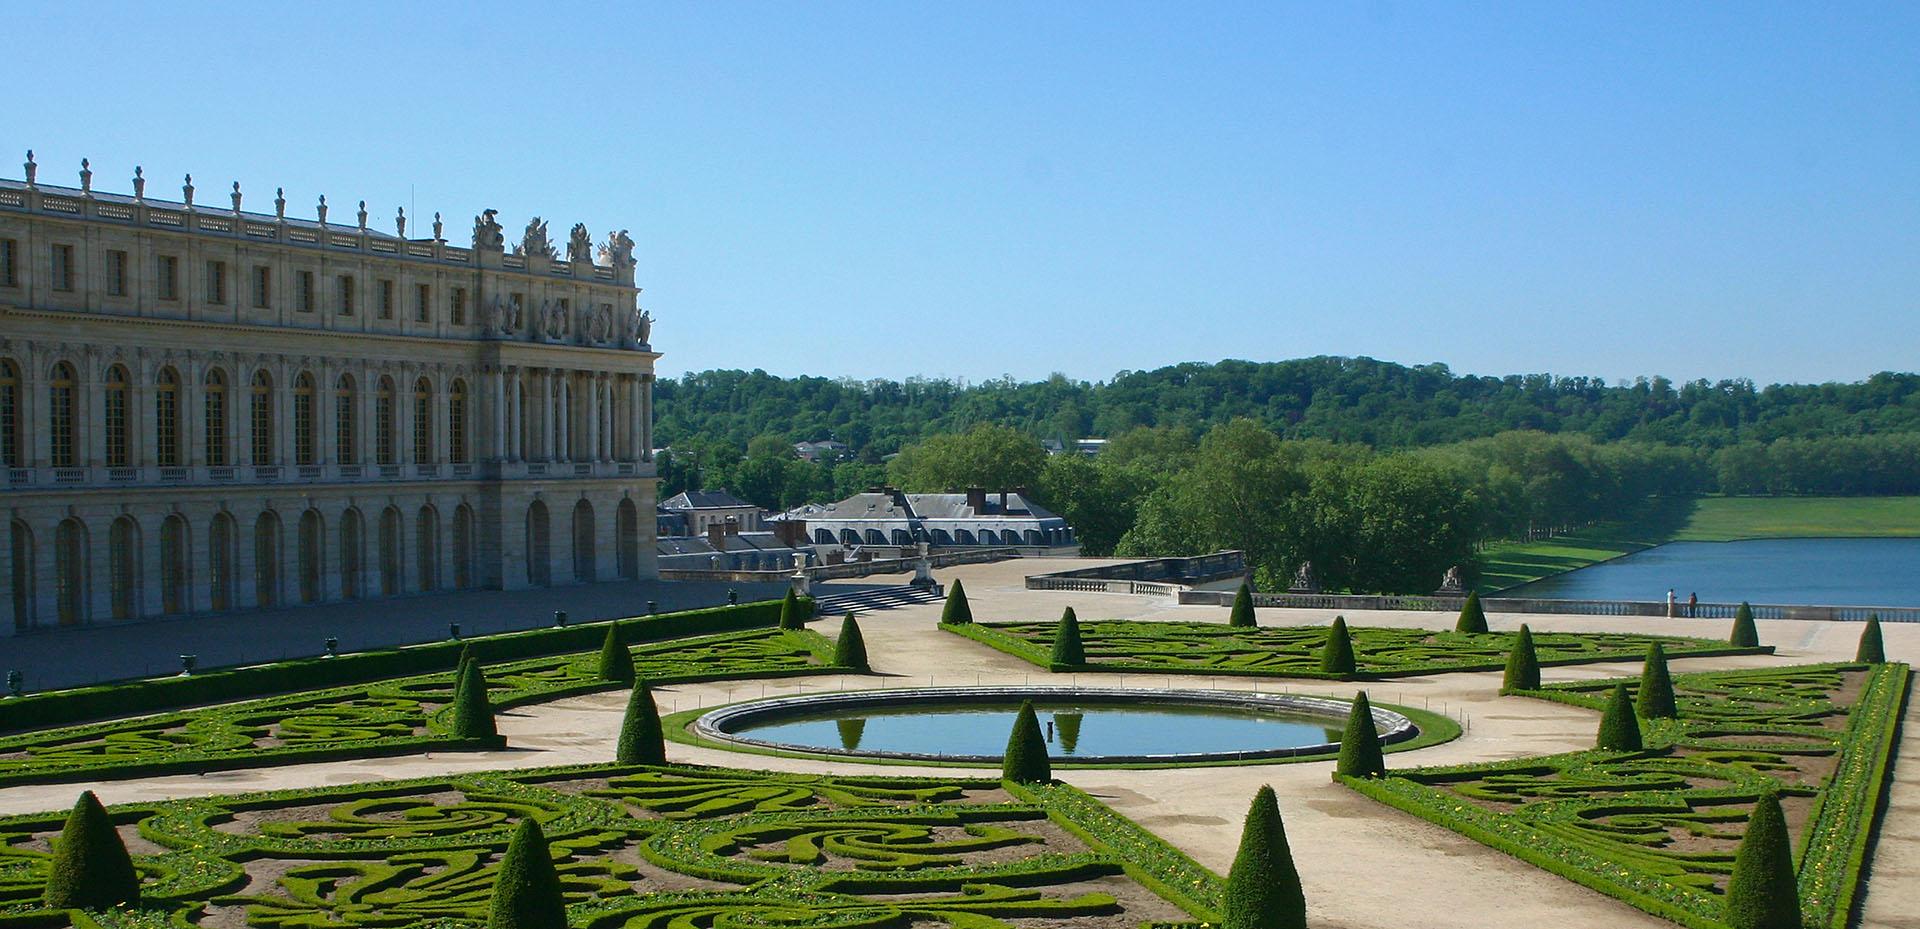 Se destacan en los jardines el Gran Trianón, un pequeño palacio de mármol rosa, o el Dominio de María Antonieta, lugar en el que la esposa de Luis XVI disfrutaba de una vida sencilla y campestre